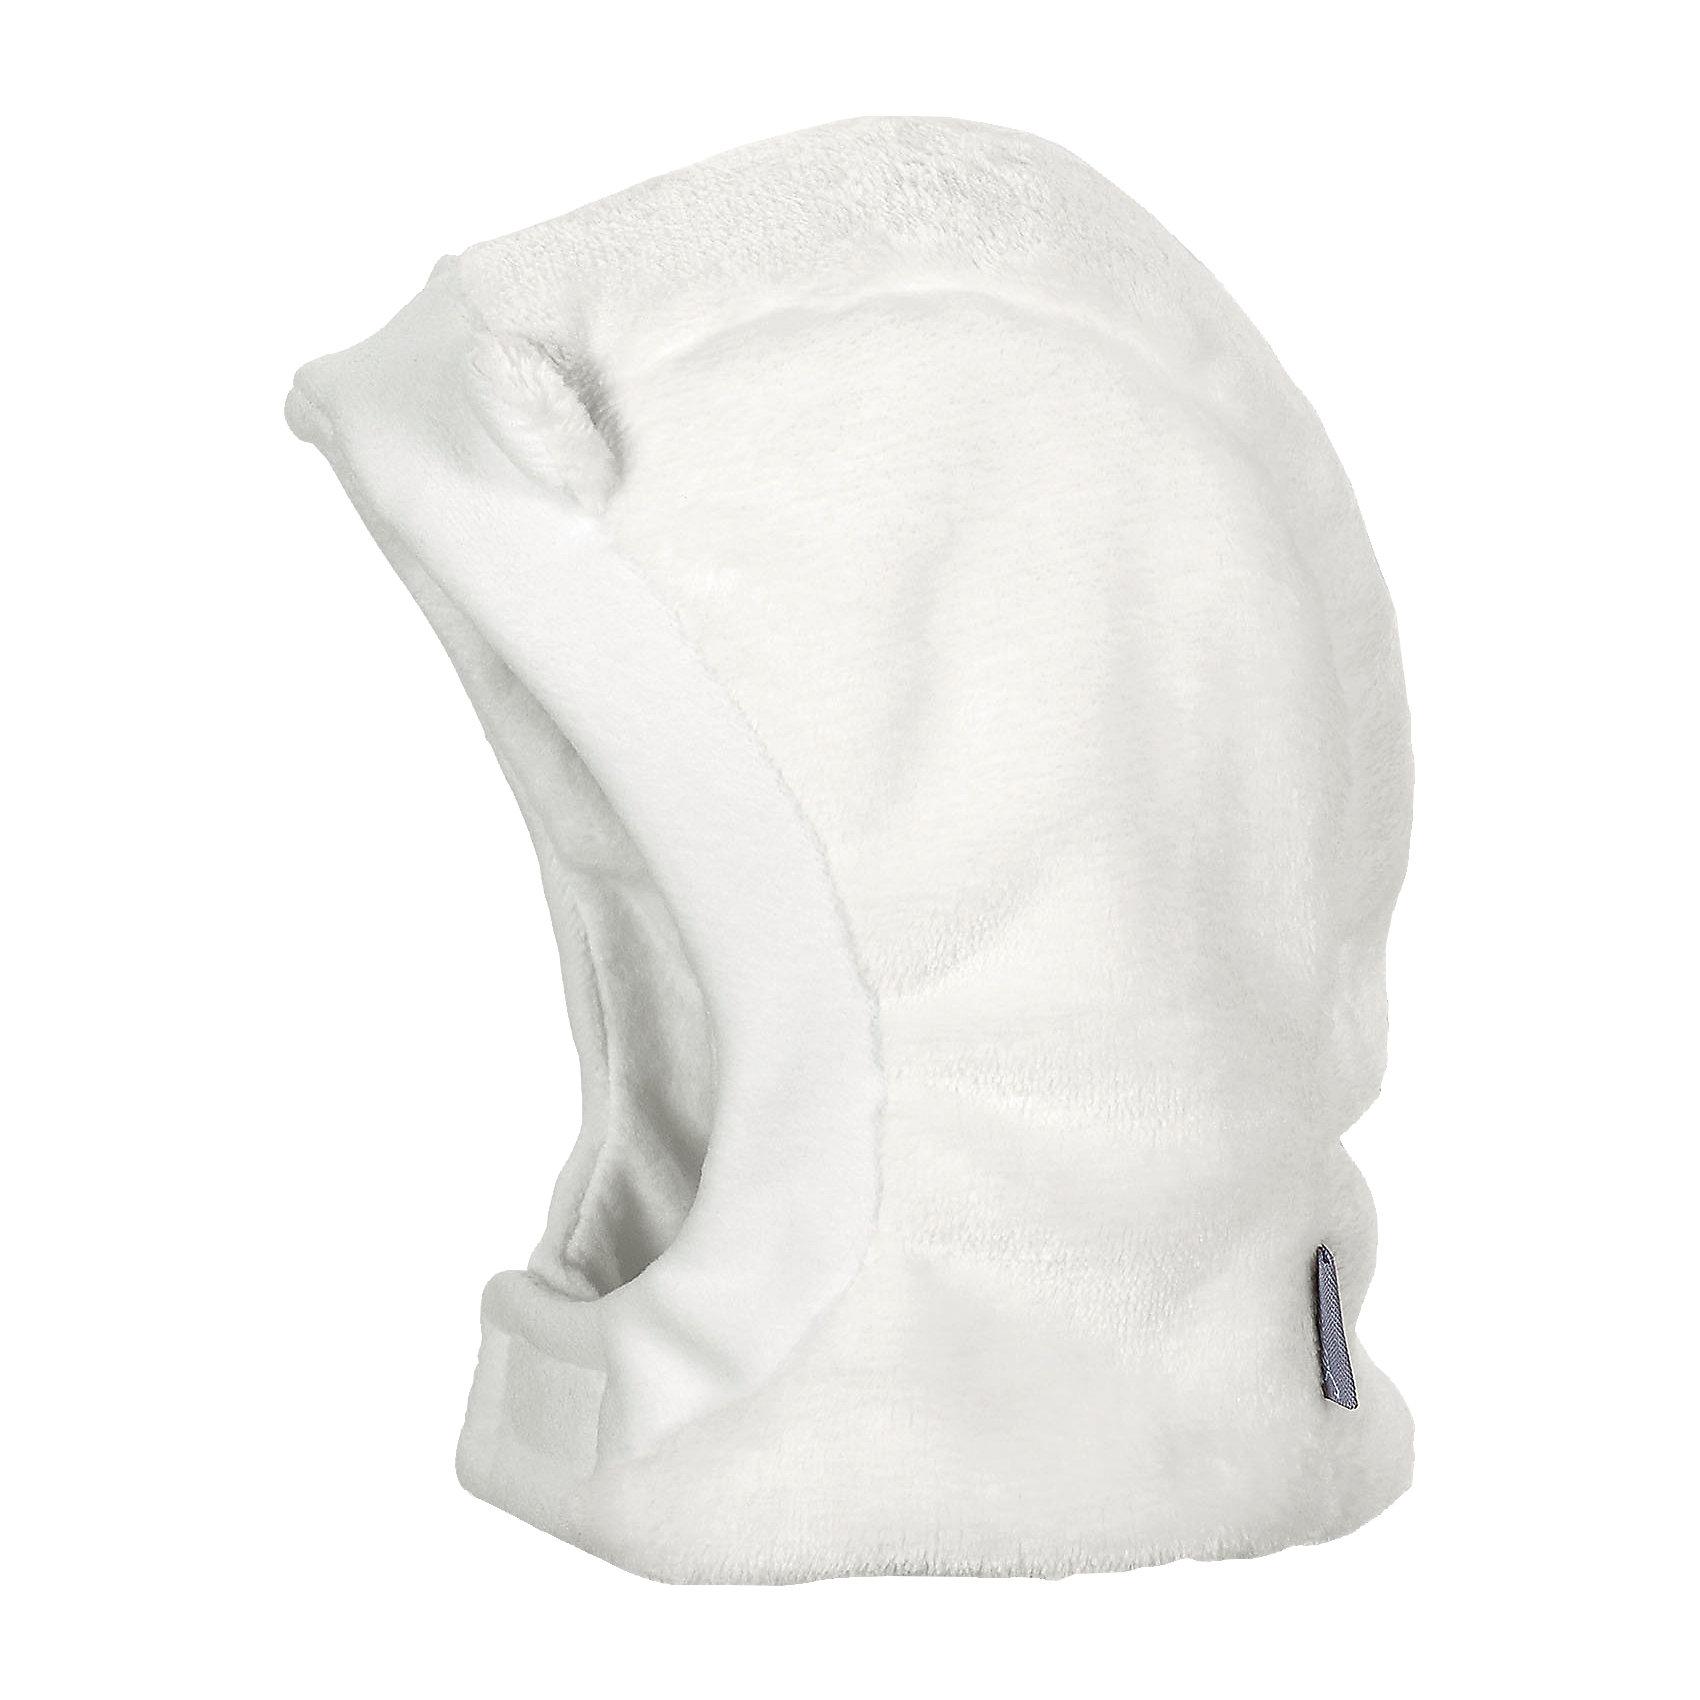 Neu Sterntaler Baby Schlupfmütze für Mädchen 5805637 für Mädchen weiß